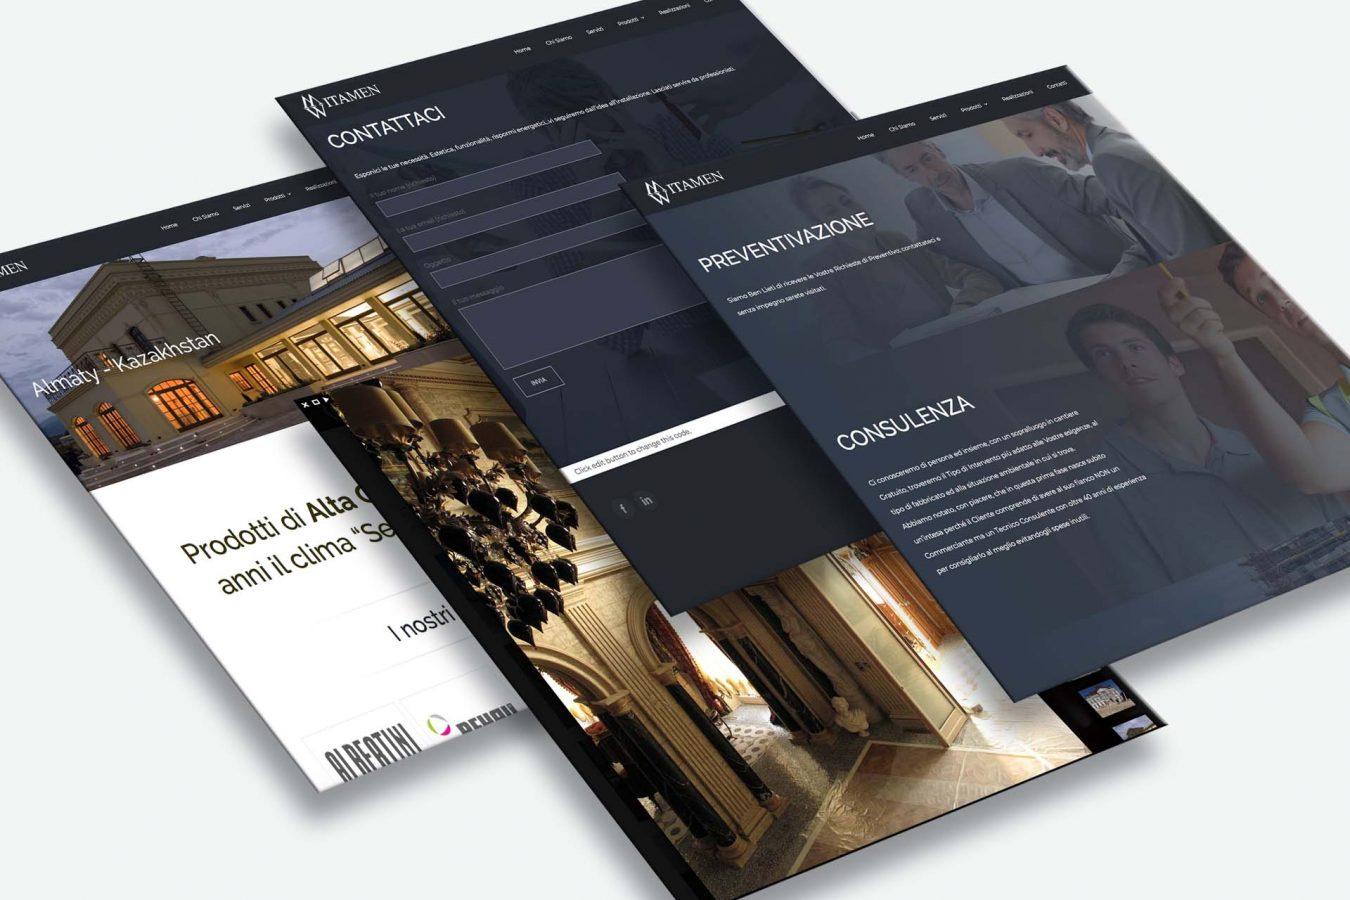 Siti Internet, Web Site, Web Design, Sito Vetrina E-Commerce, Marketing, Pubblicità, Campobasso